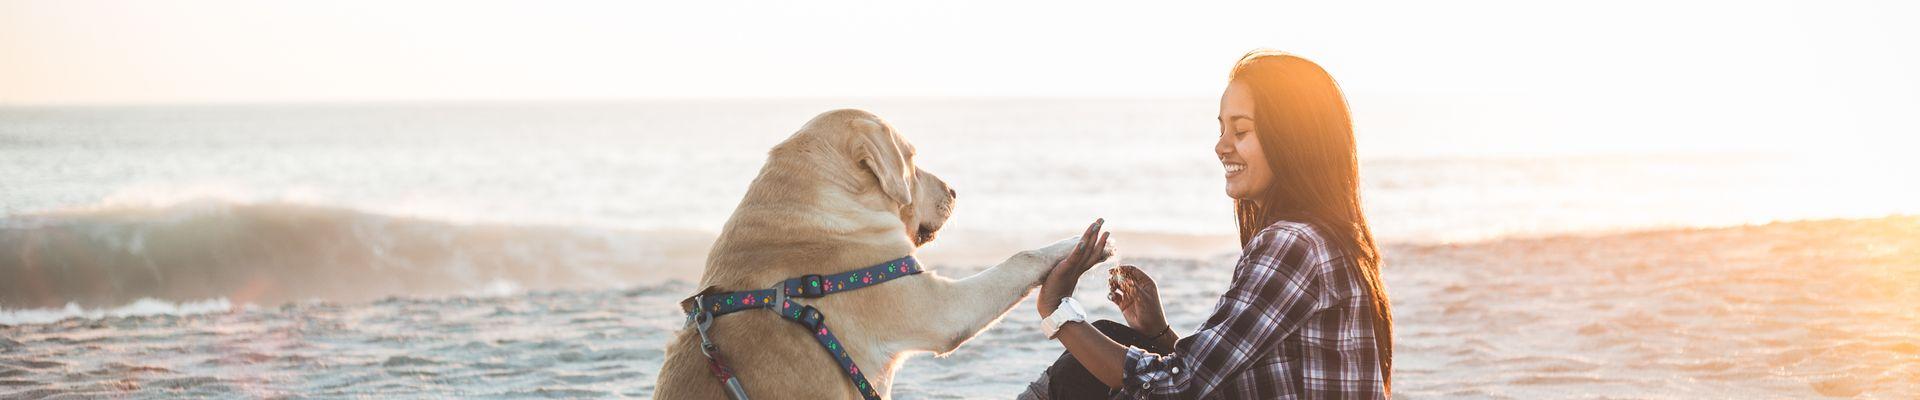 Wellness Wochenende mit Hund